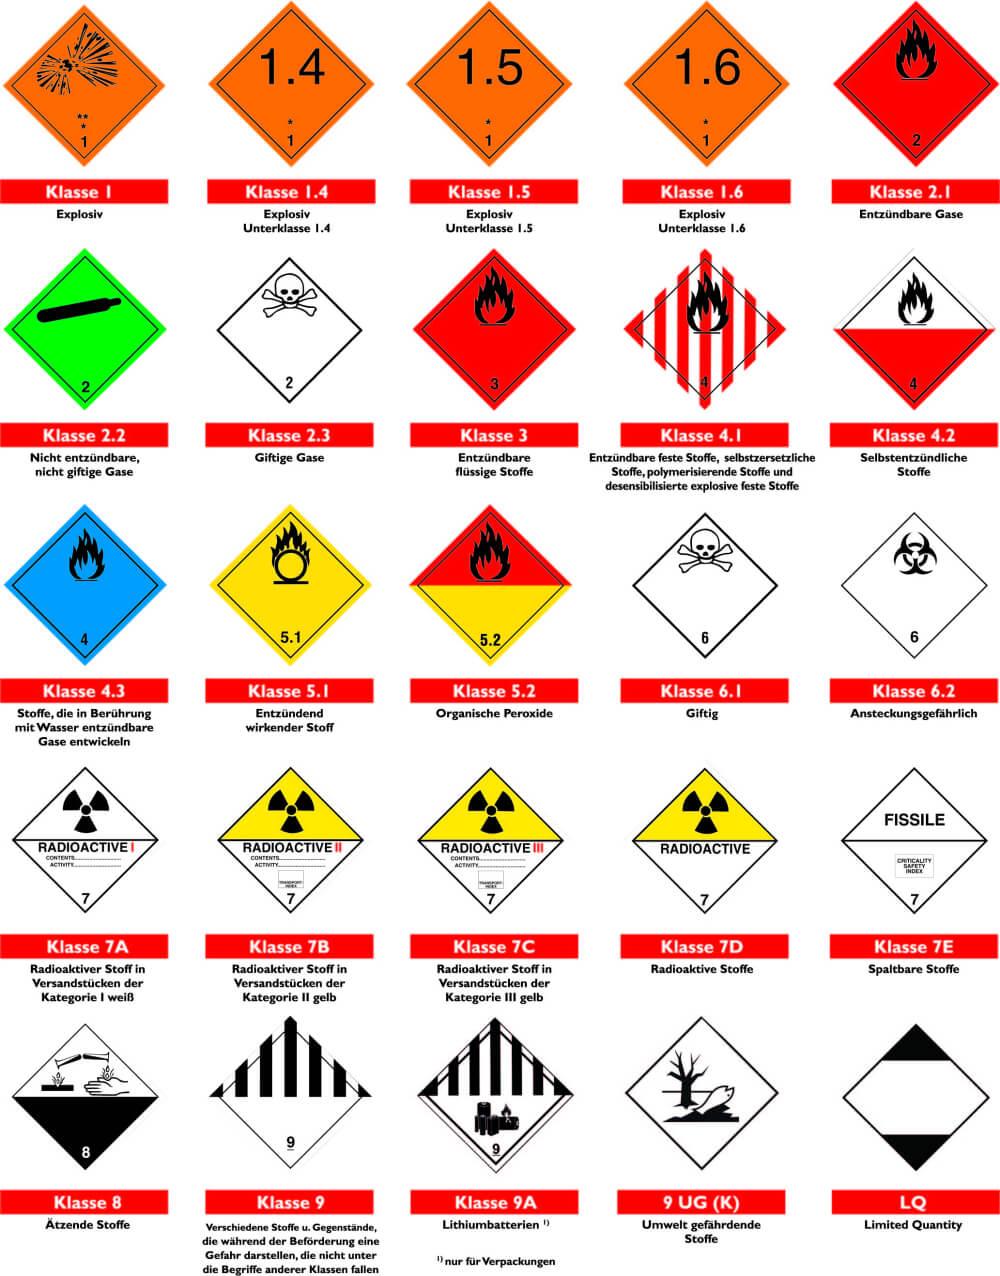 plusguide gefahrzetteluebersicht 3 - Gefahrzettel (Einzelansicht)